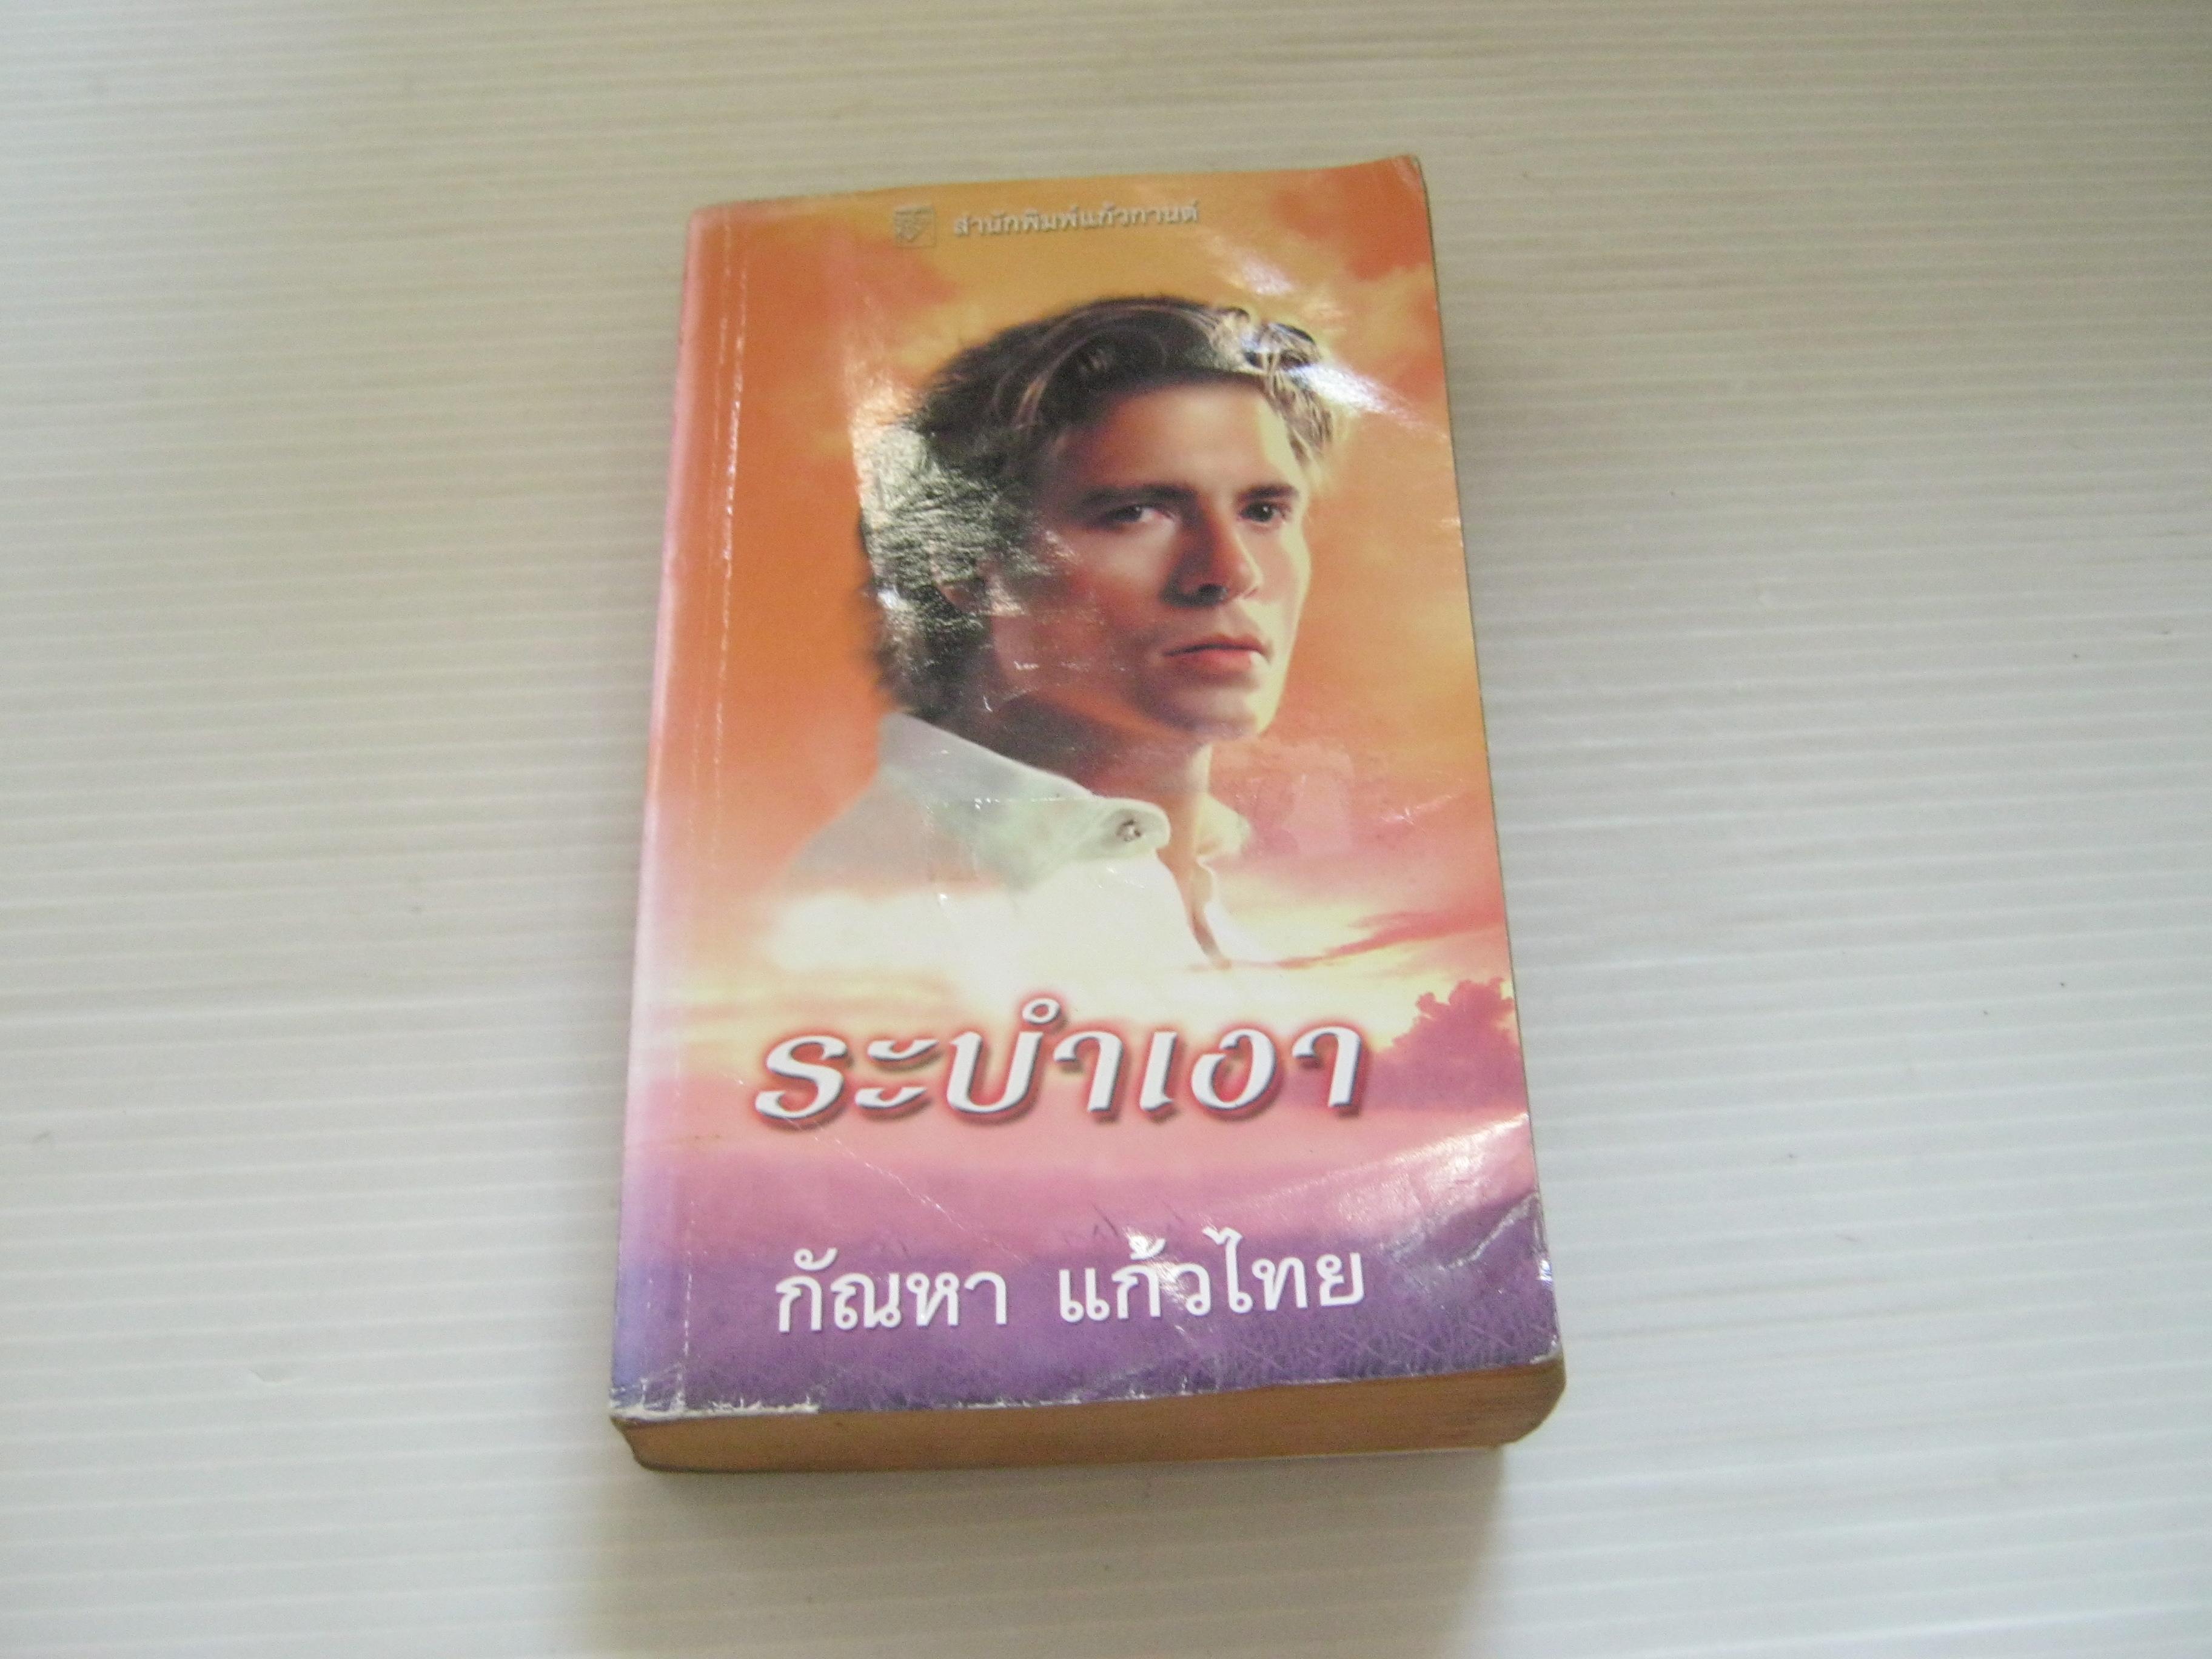 ระบำเงา จูลี่ การ์วูด เขียน กัณหา แก้วไทย แปล